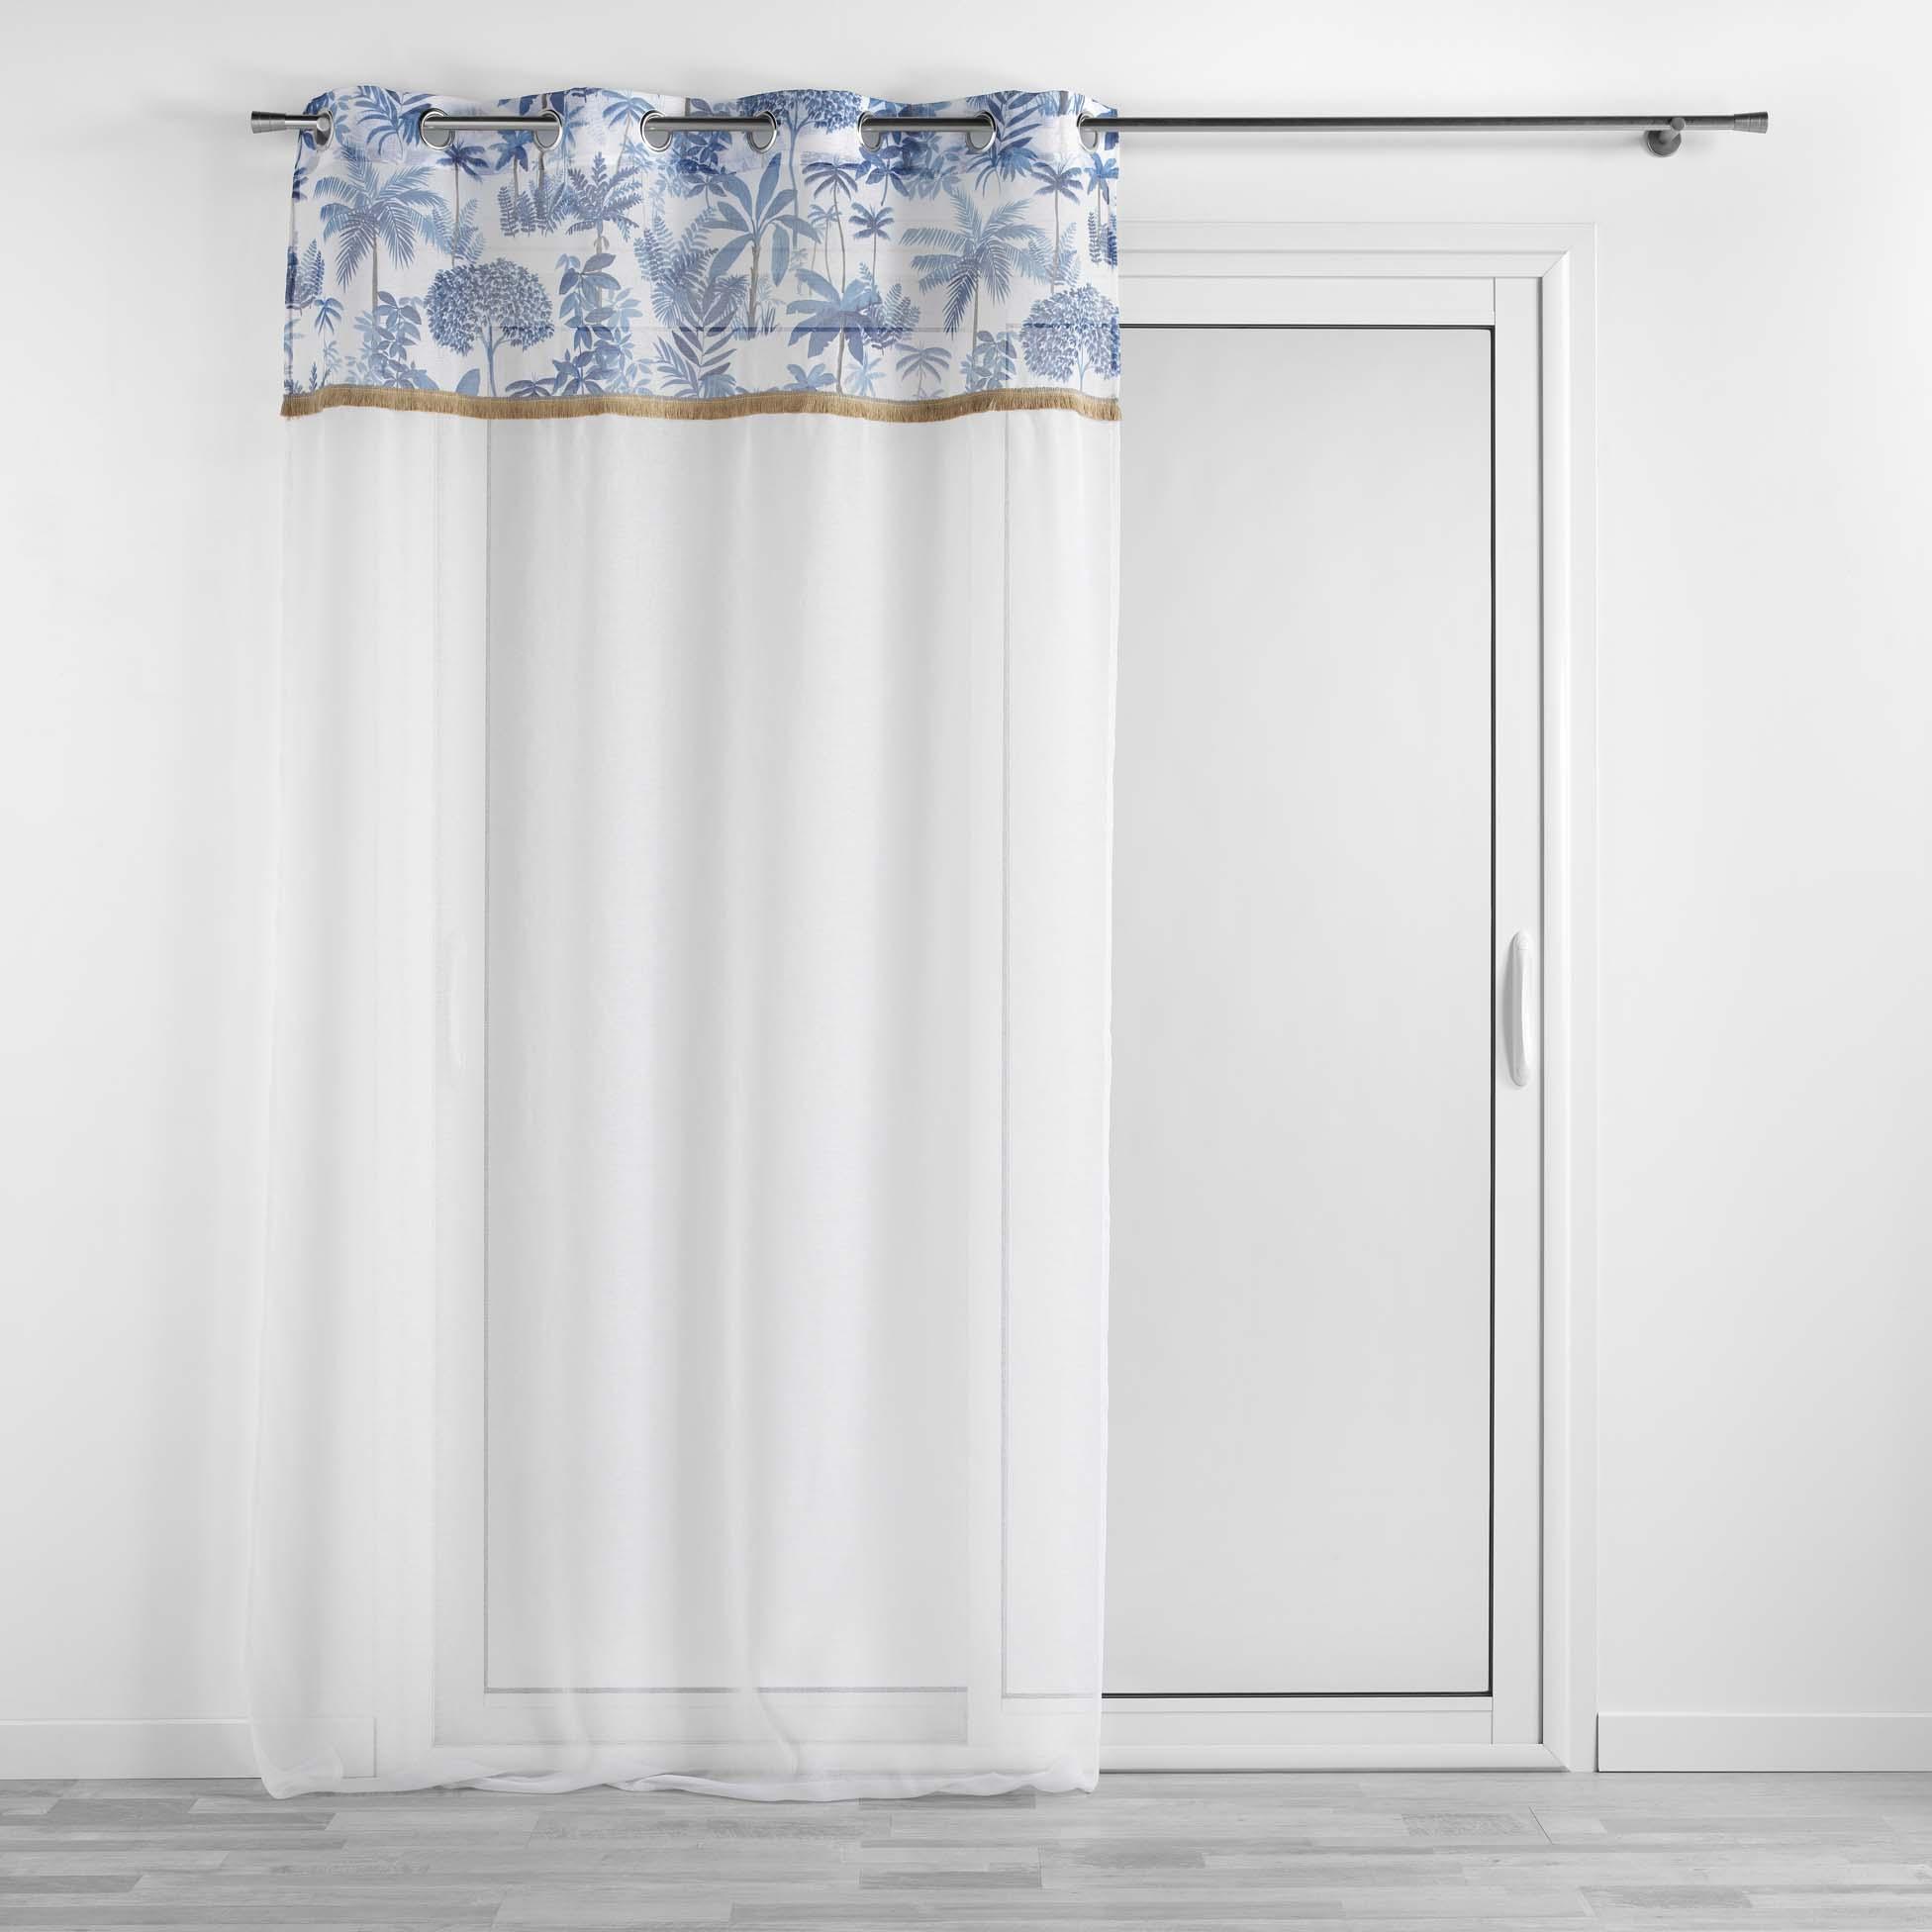 Voilage à œillets top imprimé amazonia polyester bleu 240x140